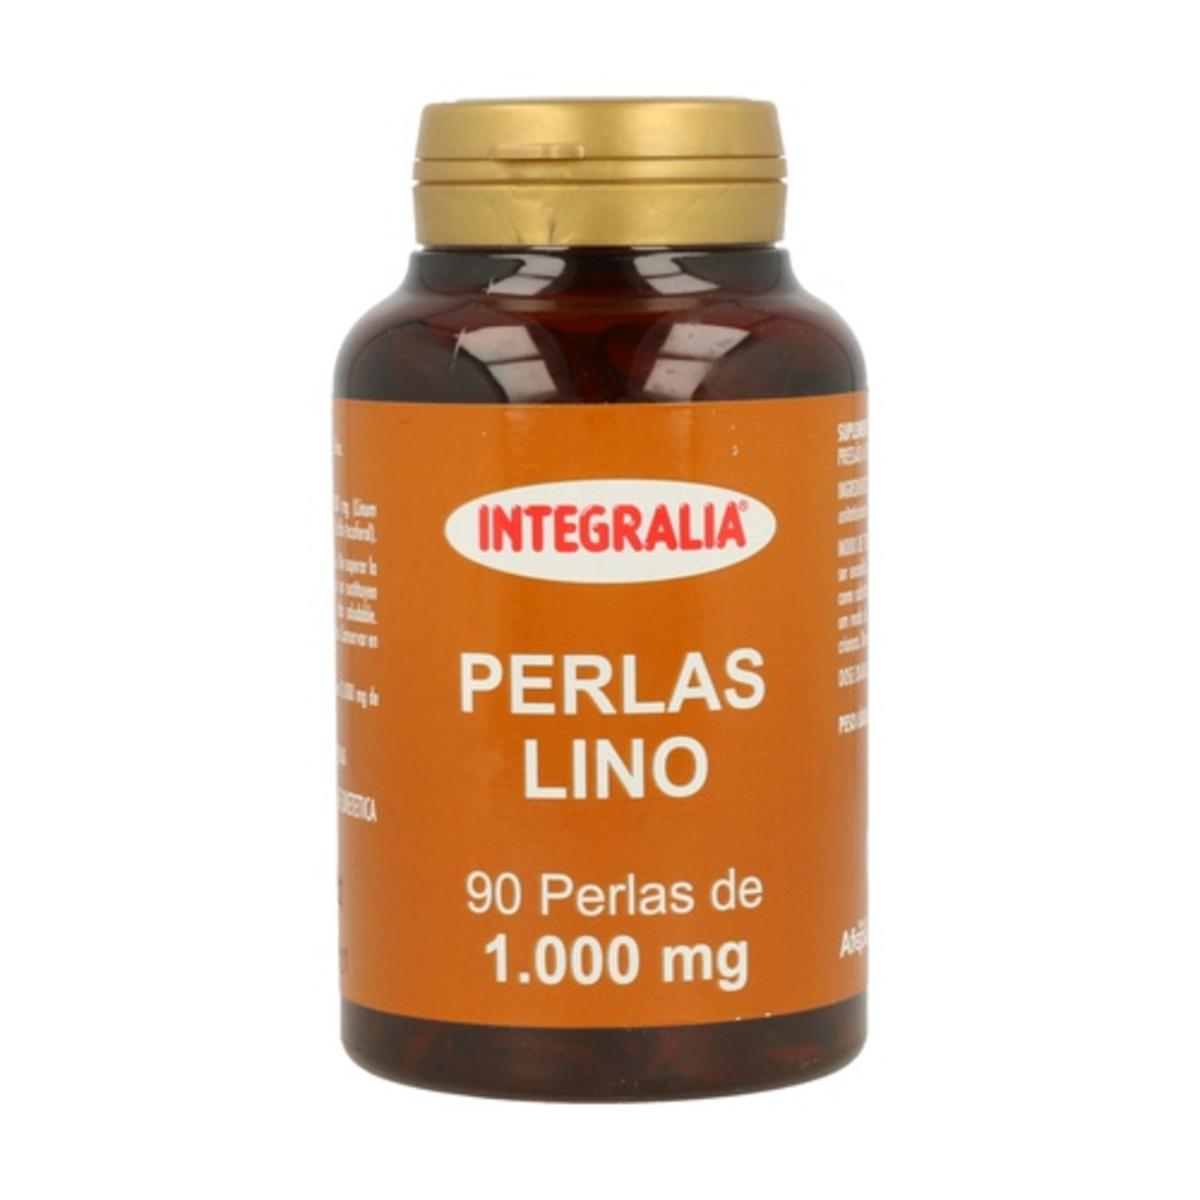 Perlas Lino 1000mg 90 perlas. Integralia